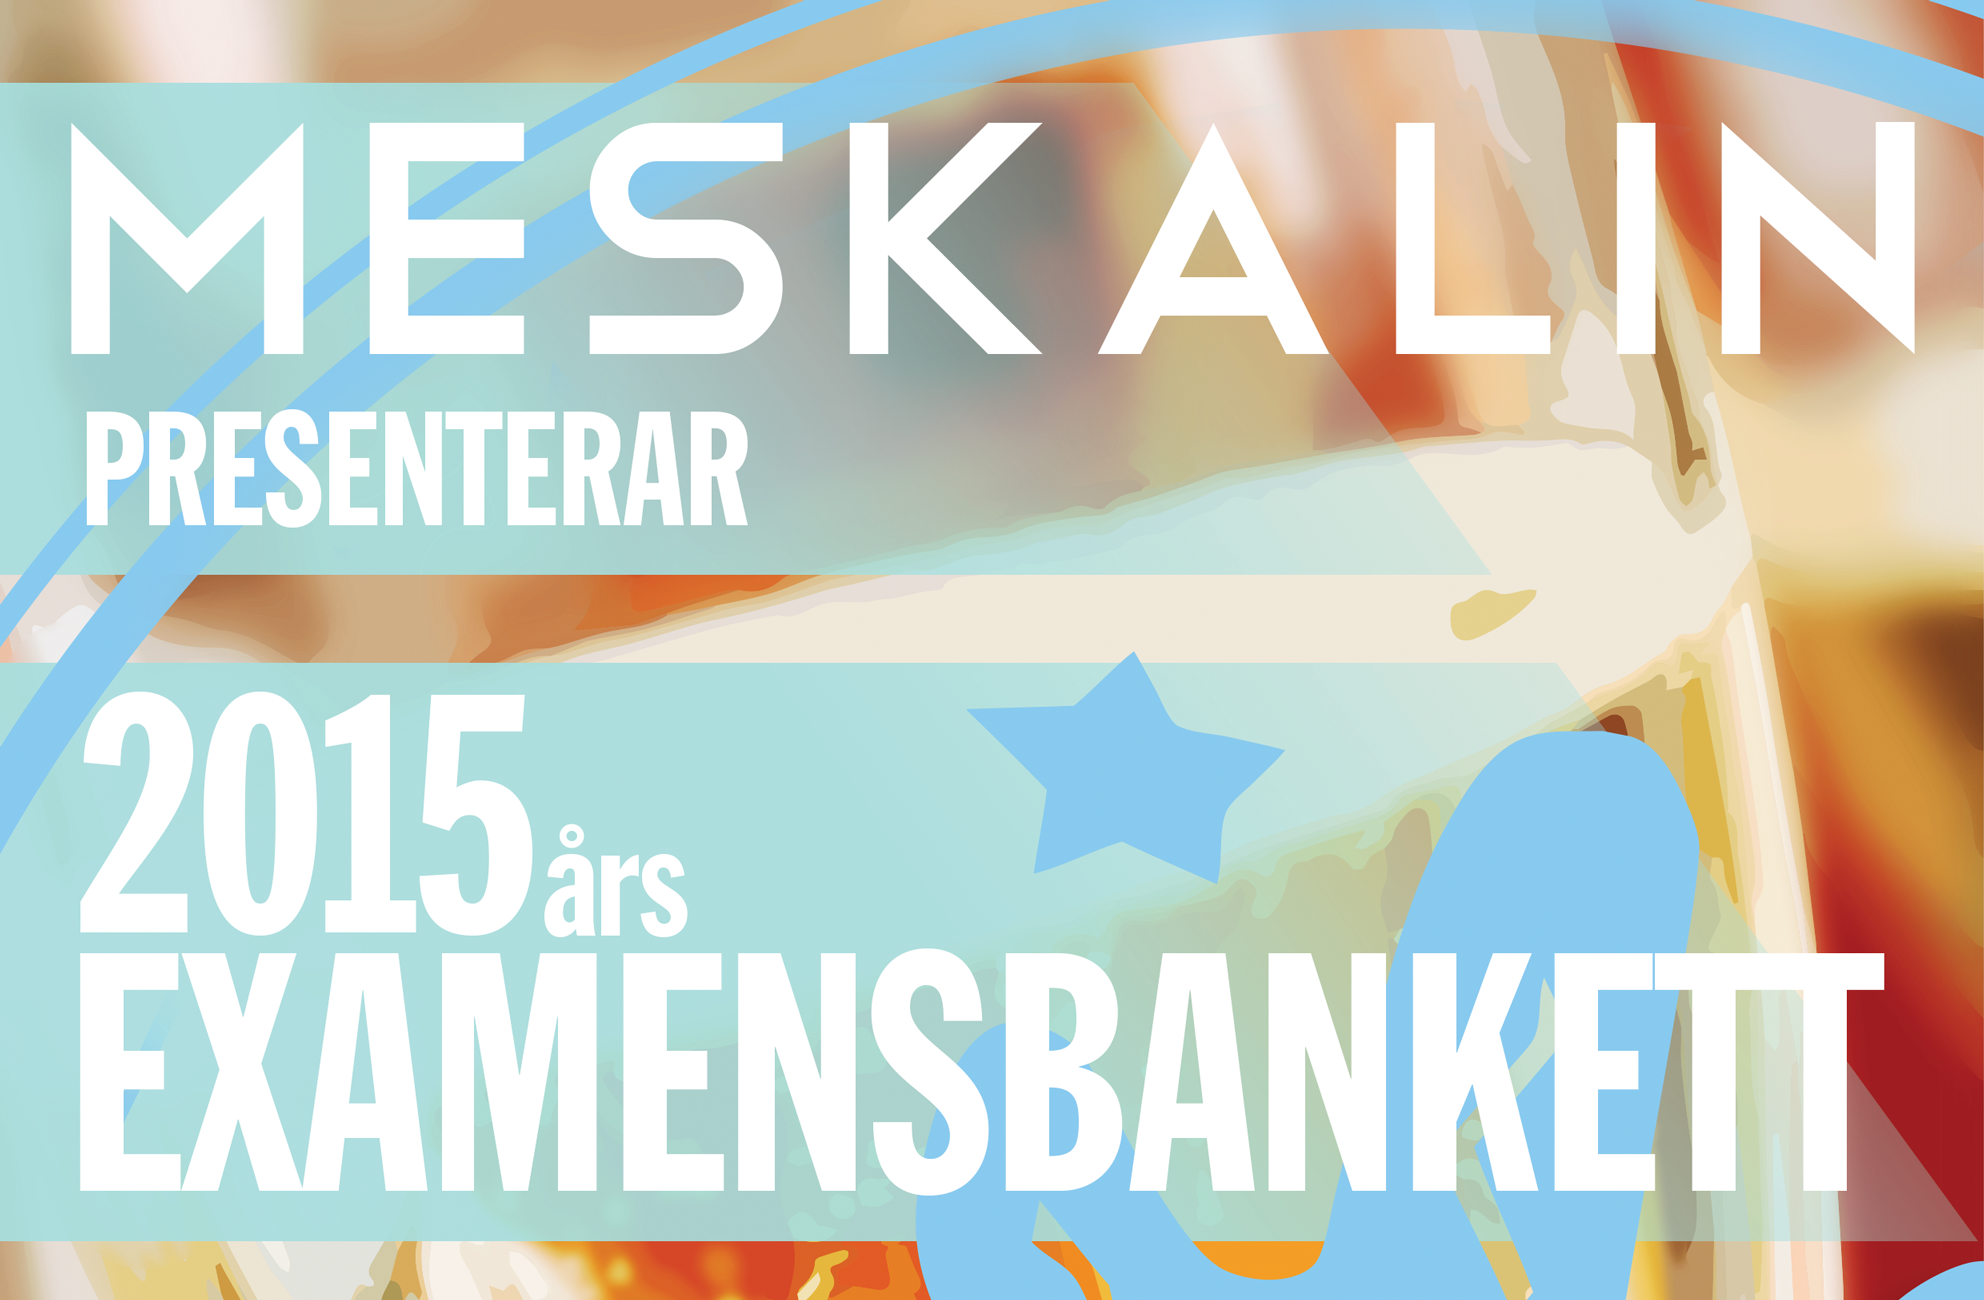 Examensbanketten 2015